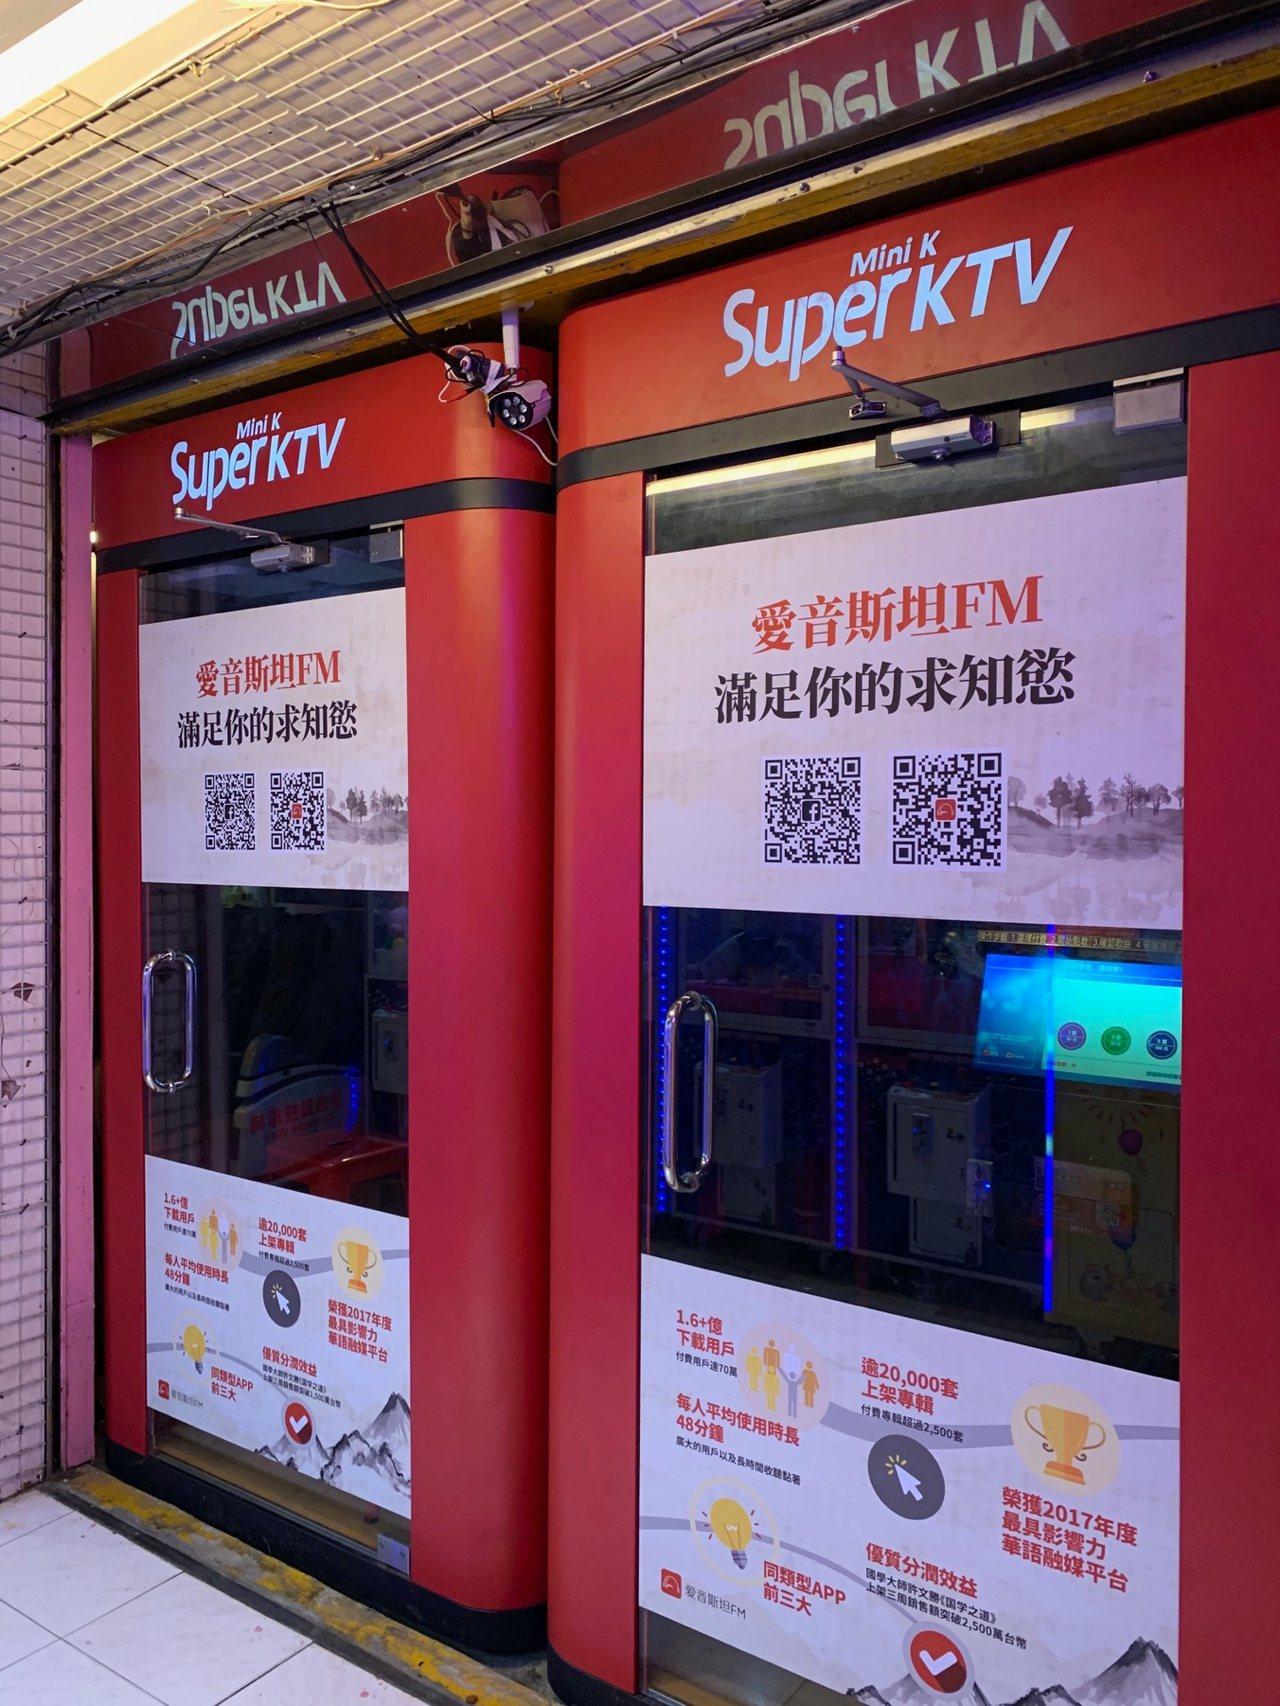 電話亭KTV近期在全台遍地開花,逛街熱點都能見到機台。記者蕭雅娟/攝影